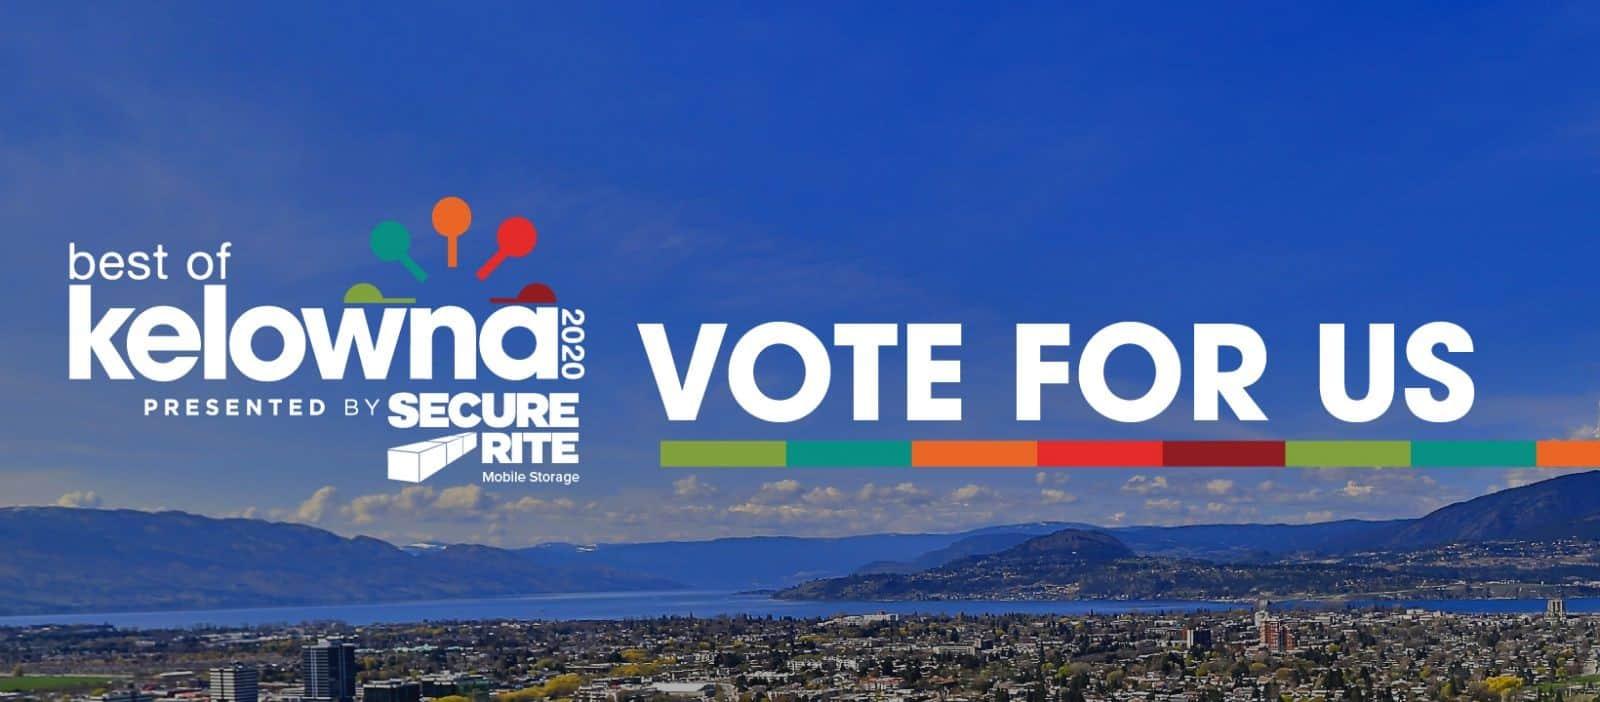 Vote for Us Best of Kelowna